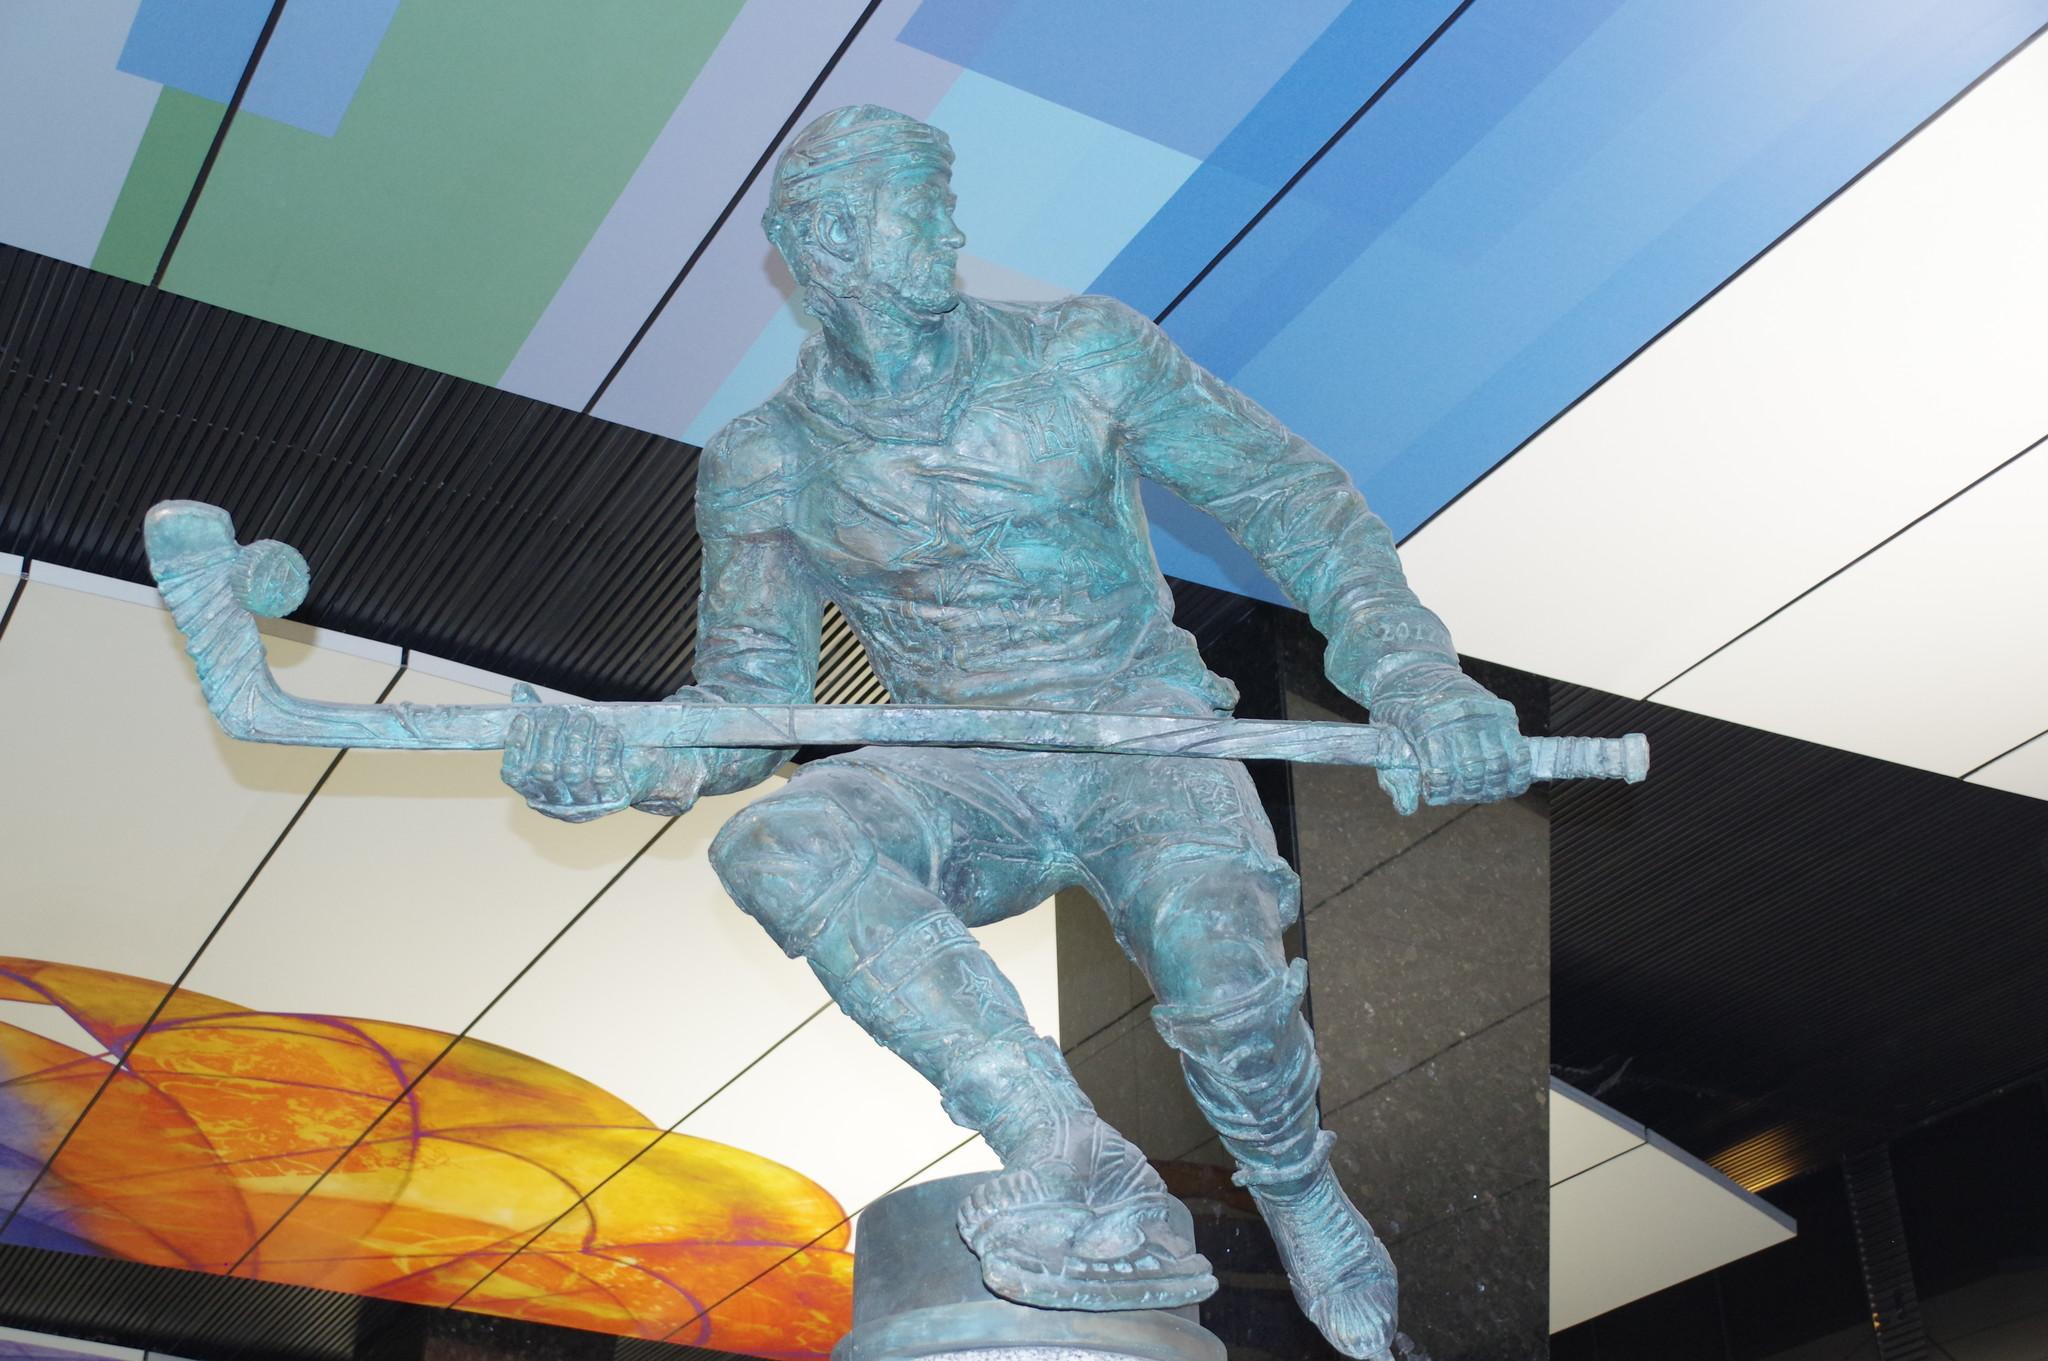 Станция «ЦСКА» Большой кольцевой линии. Прообразом для скульптуры хоккеиста стал Денис Денисов